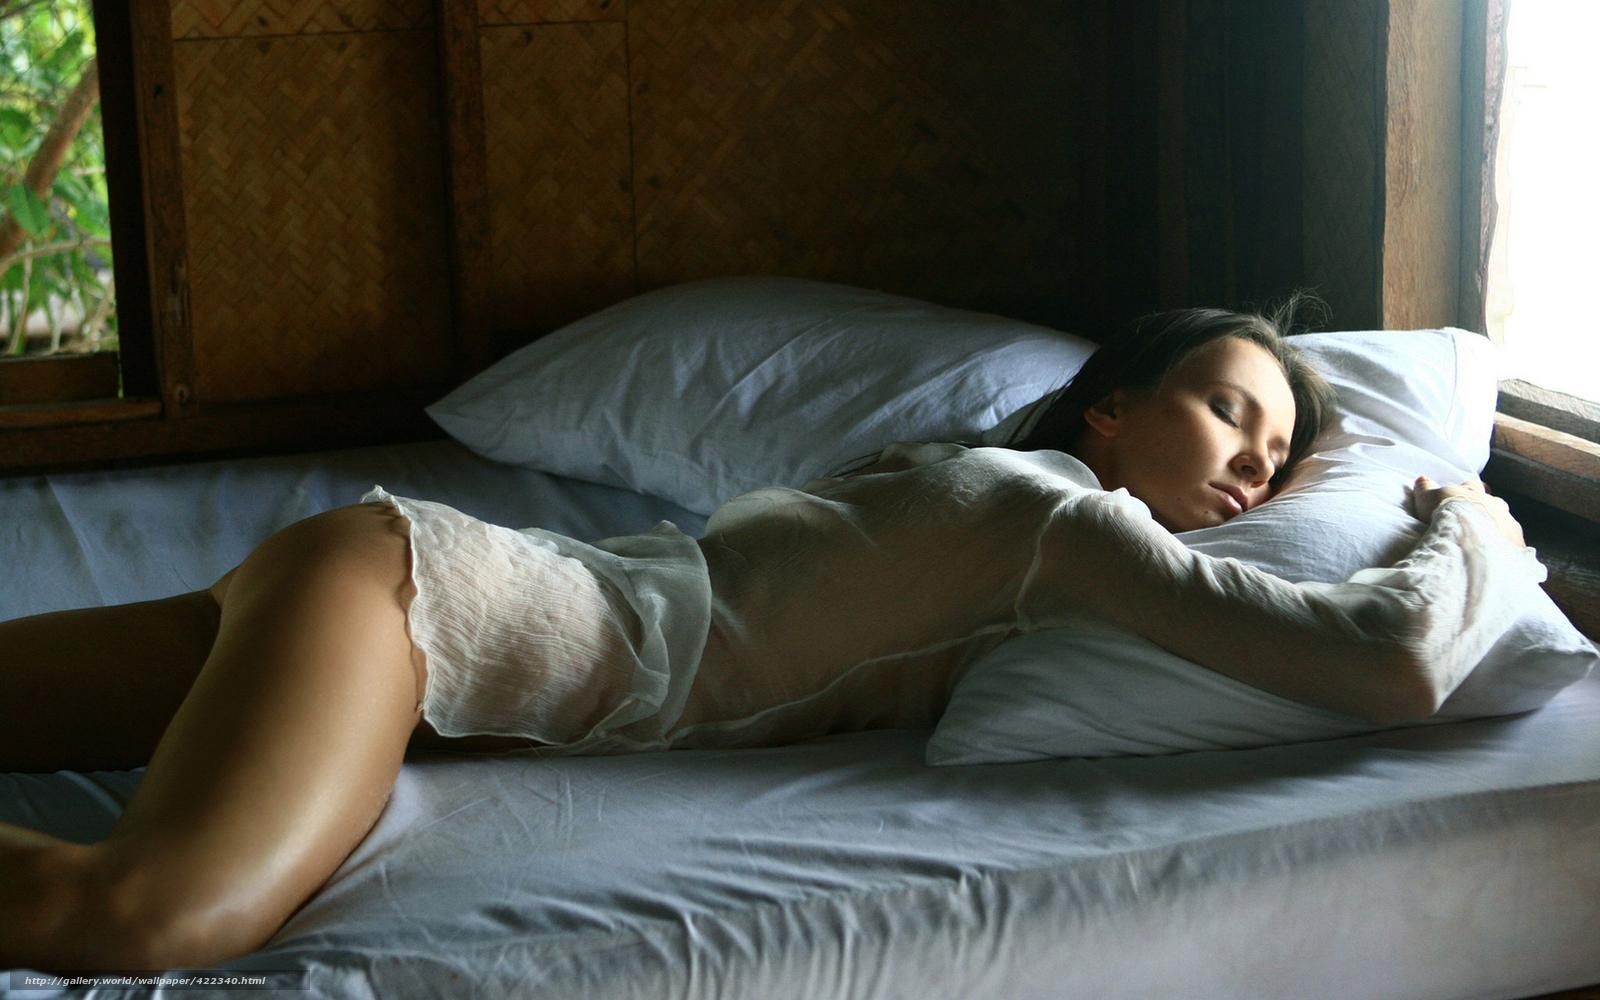 Спящей между грудей 24 фотография